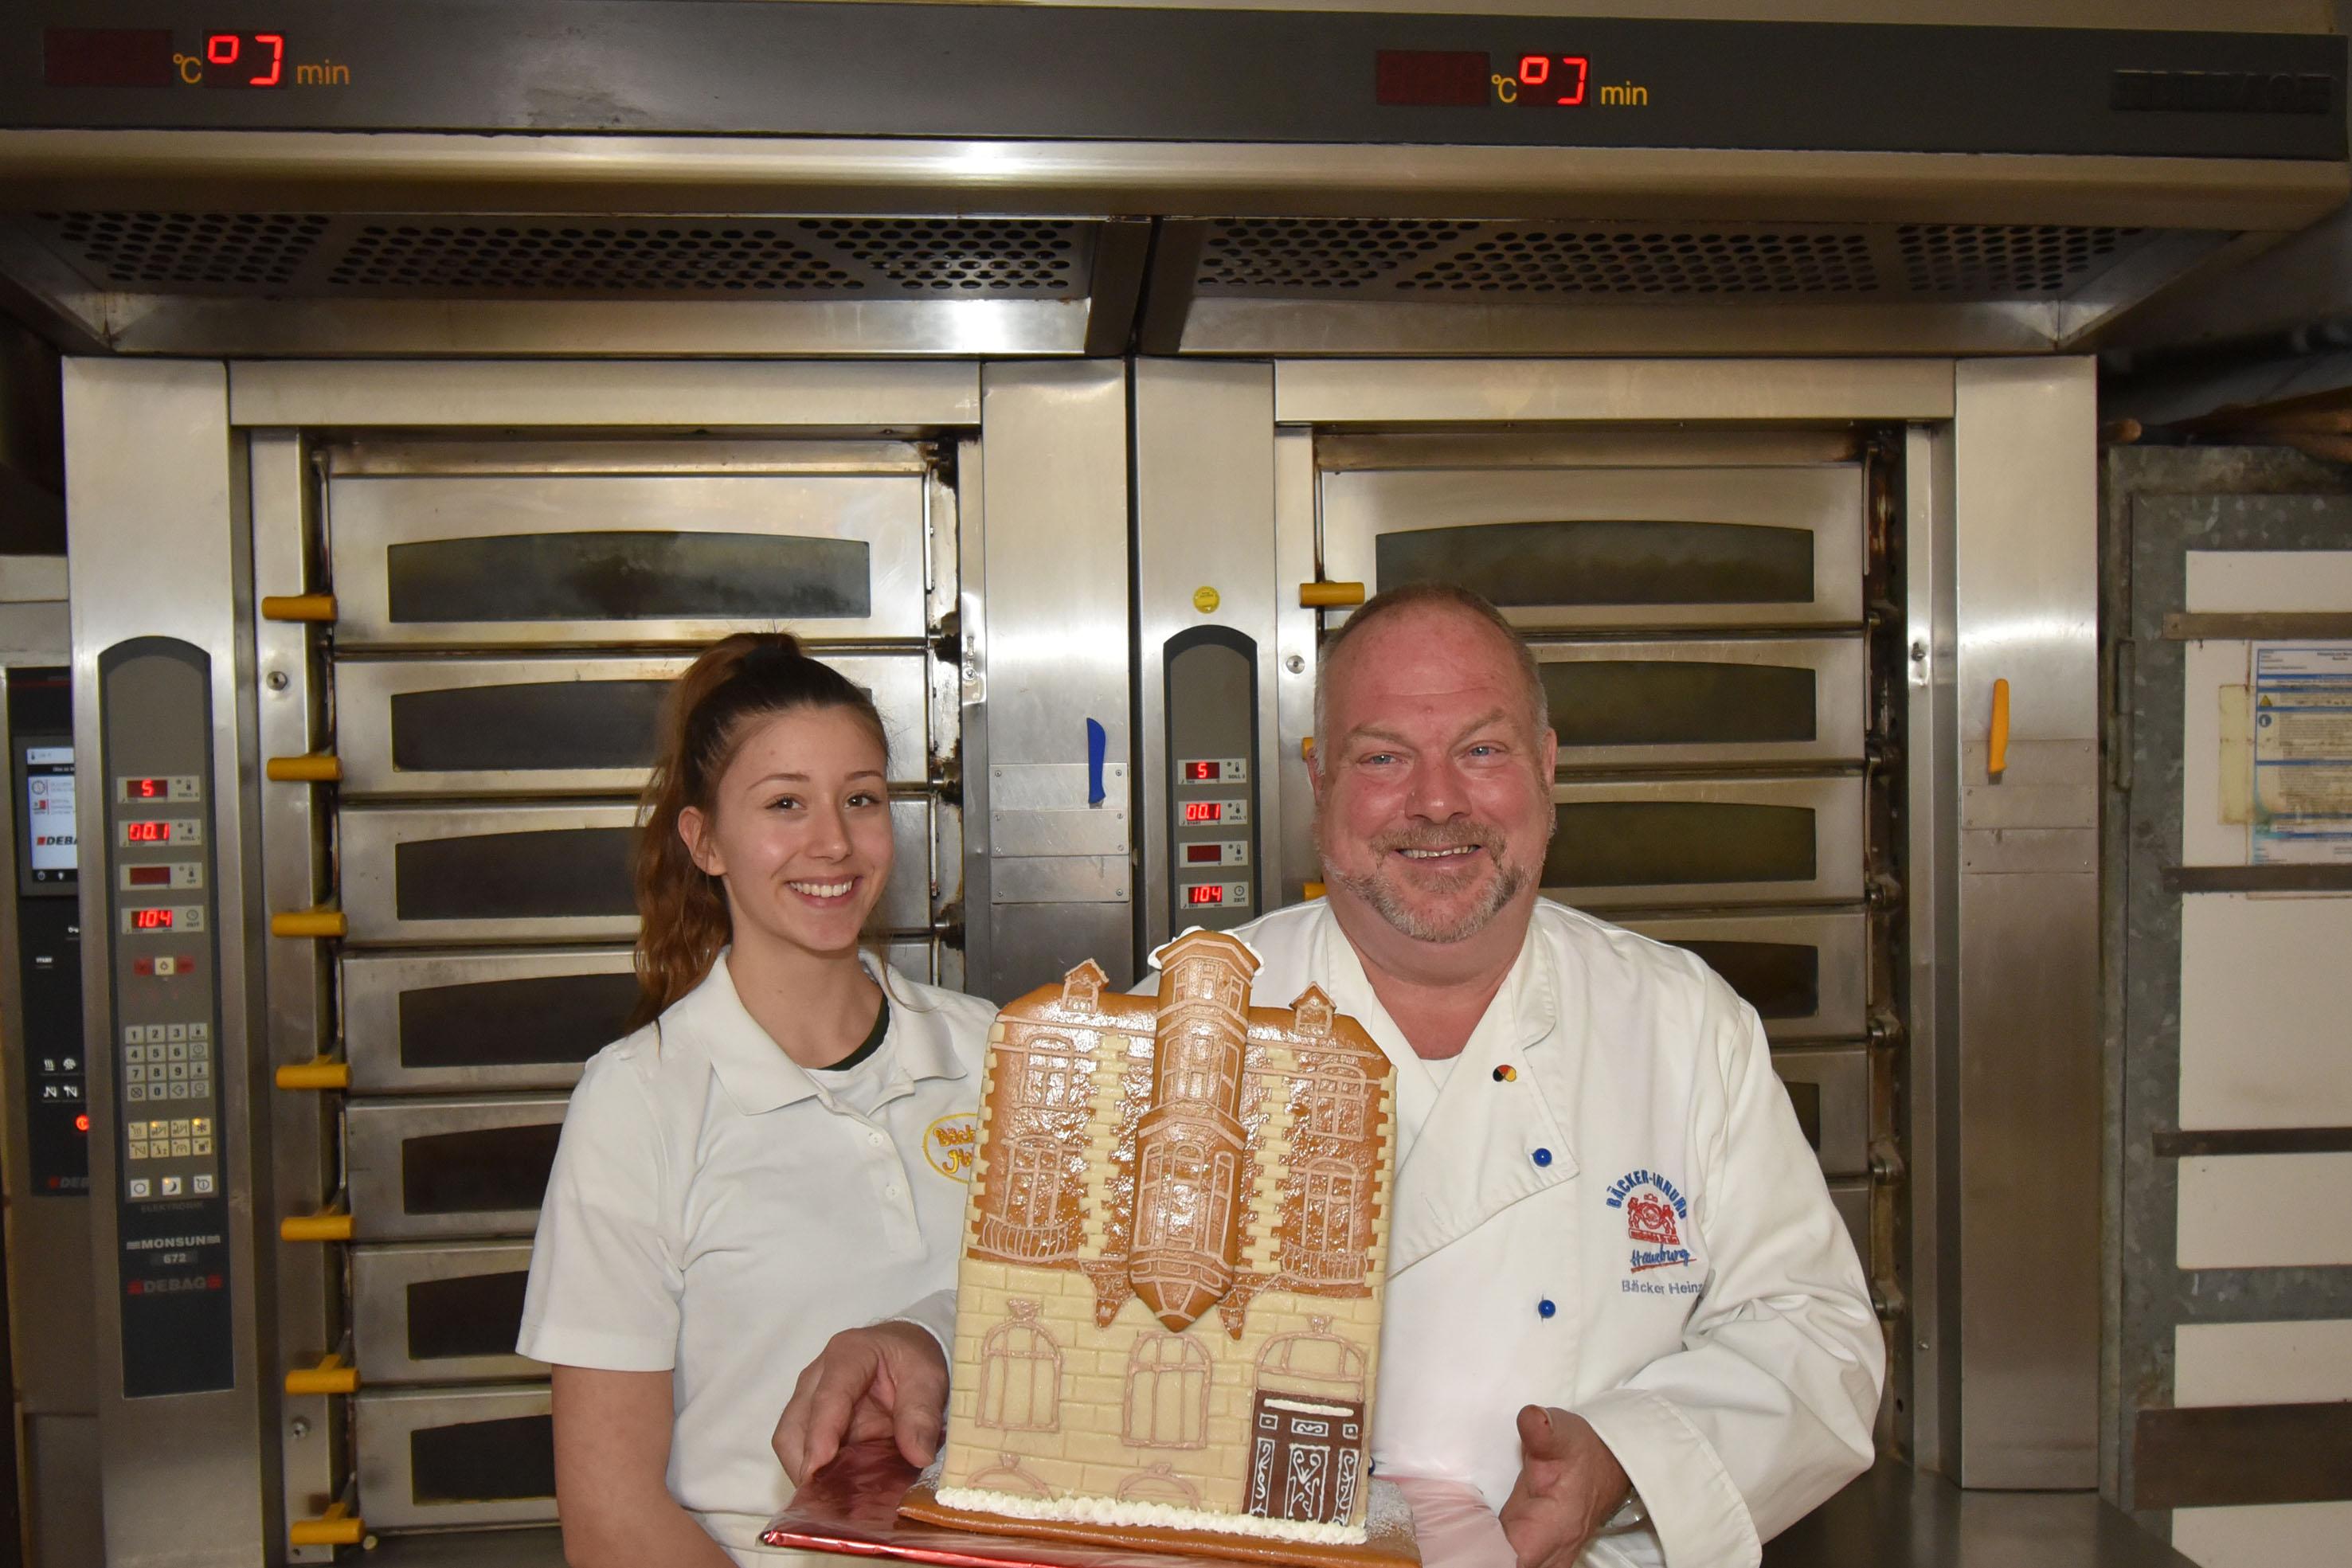 Lebkuchenhauswettbewerb 2019! Stolze zweifache Siegerin!